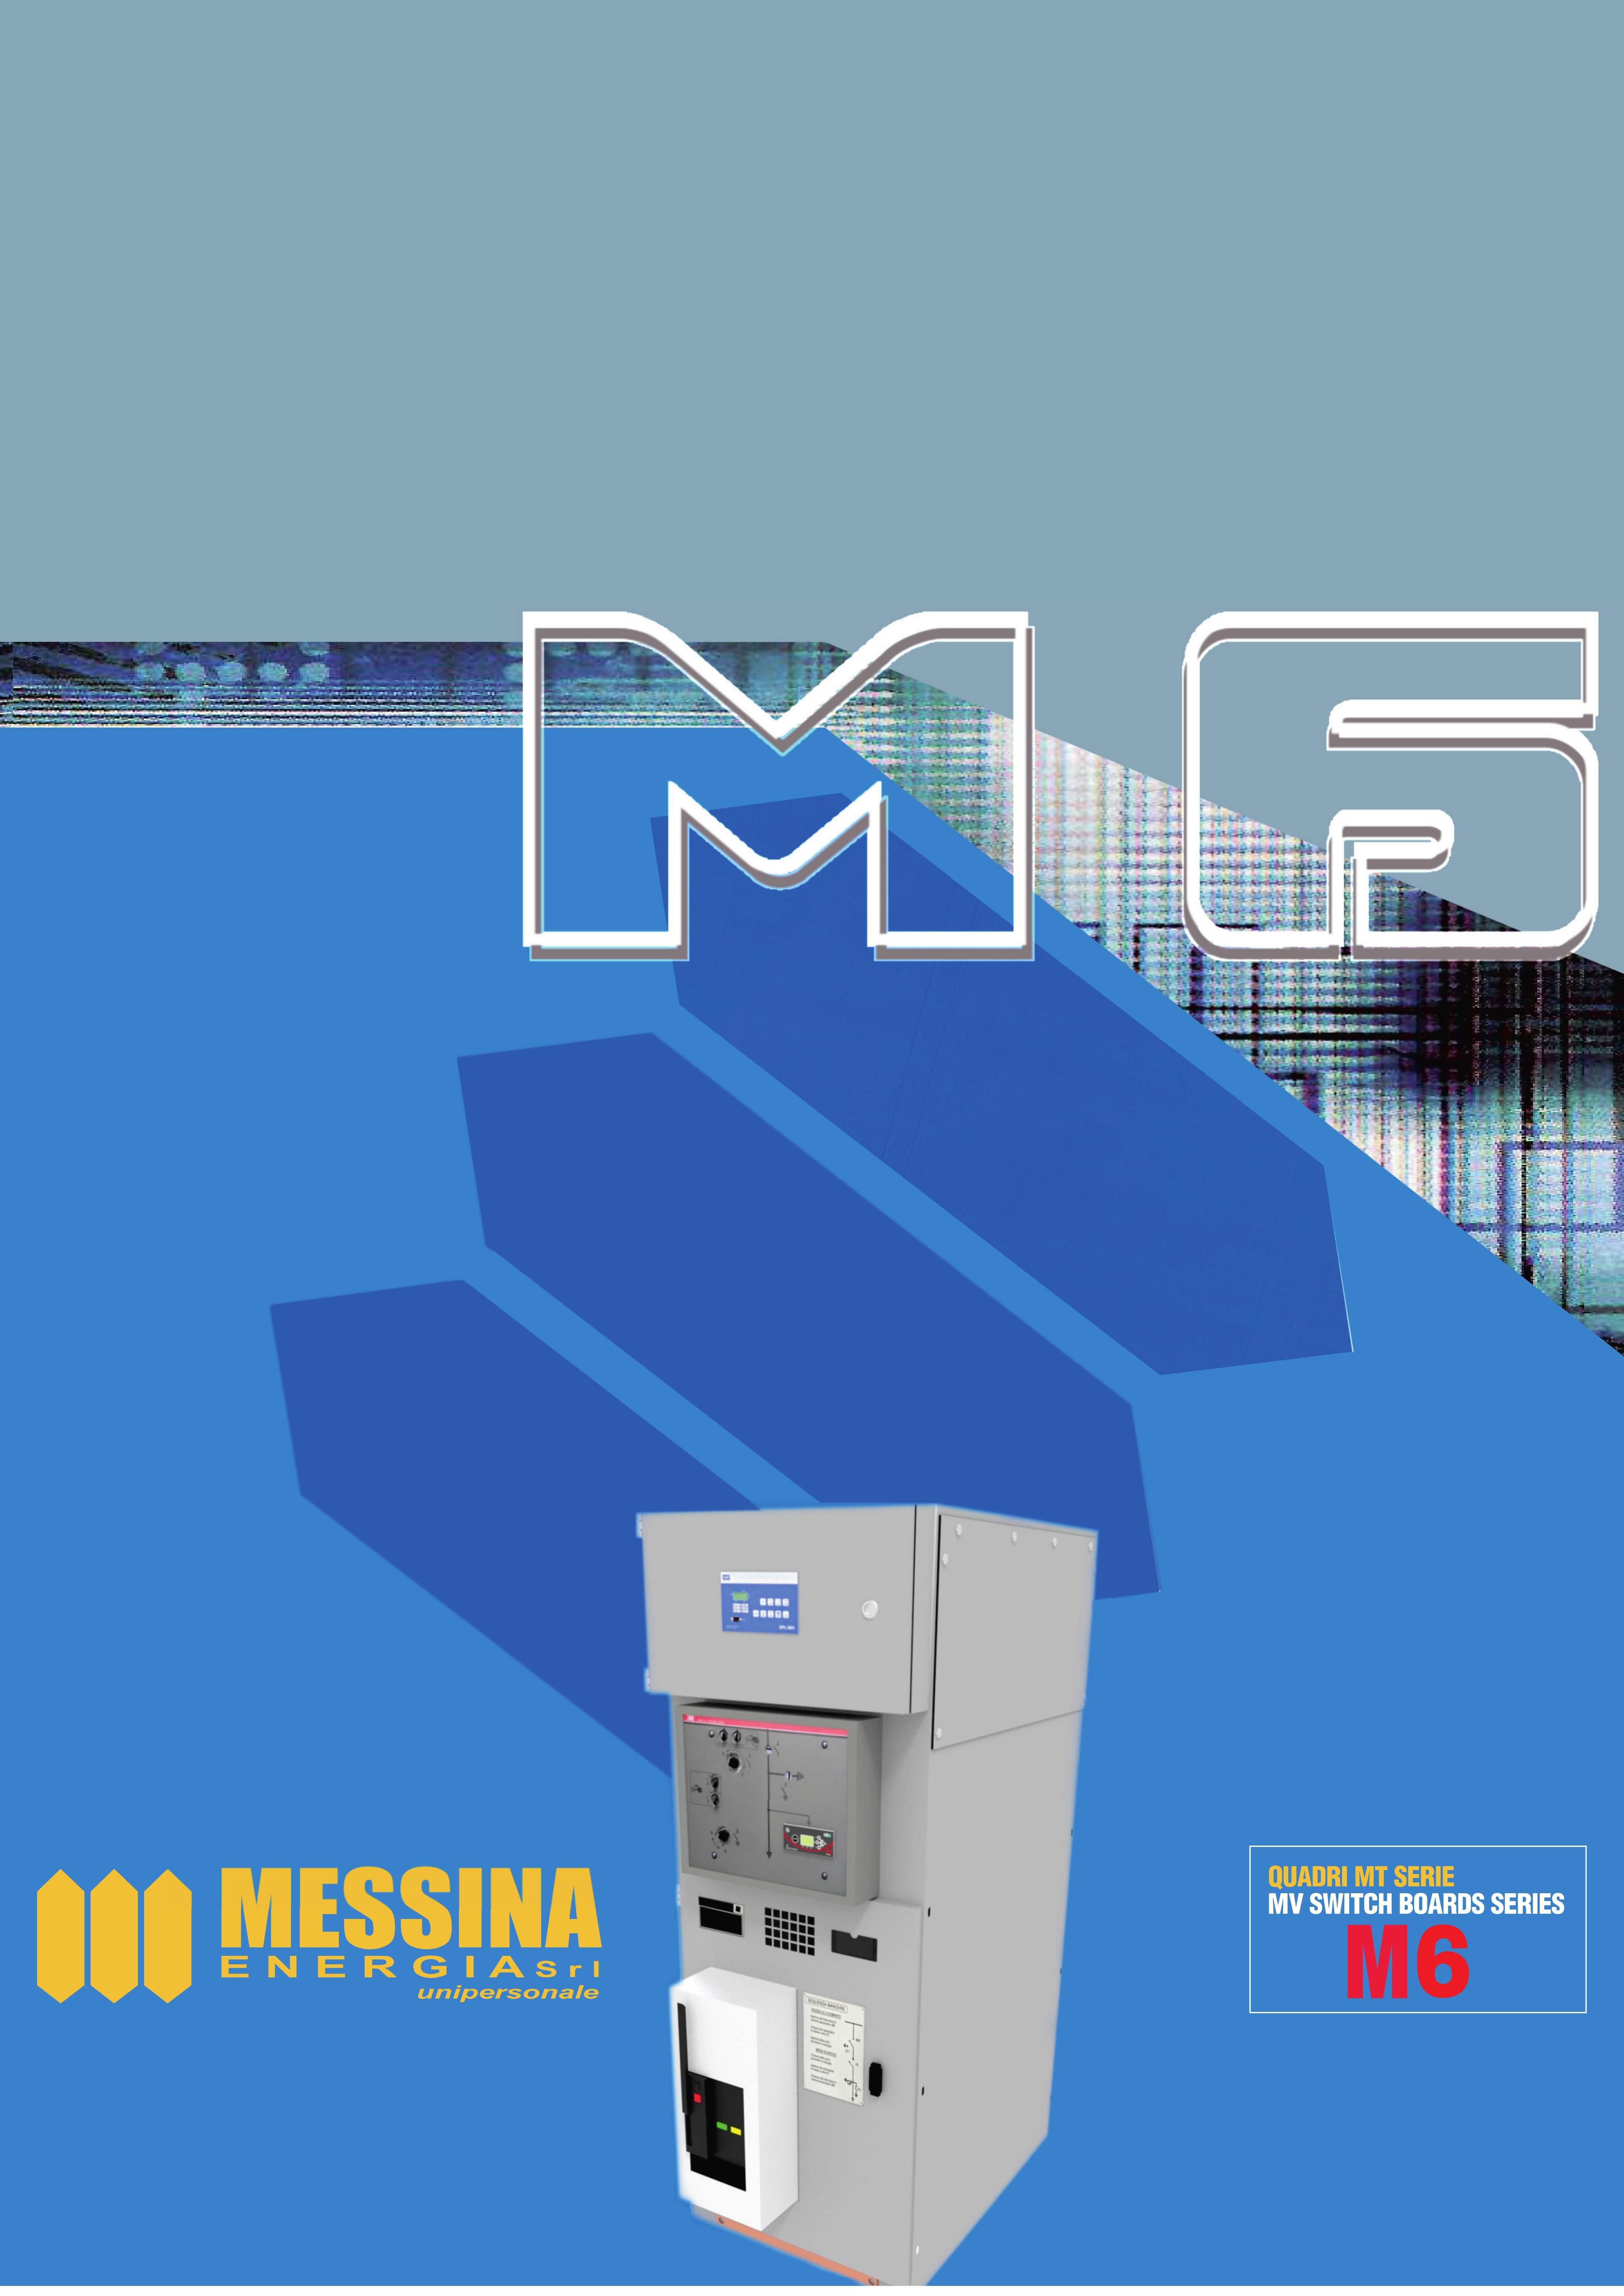 catalogo_M6